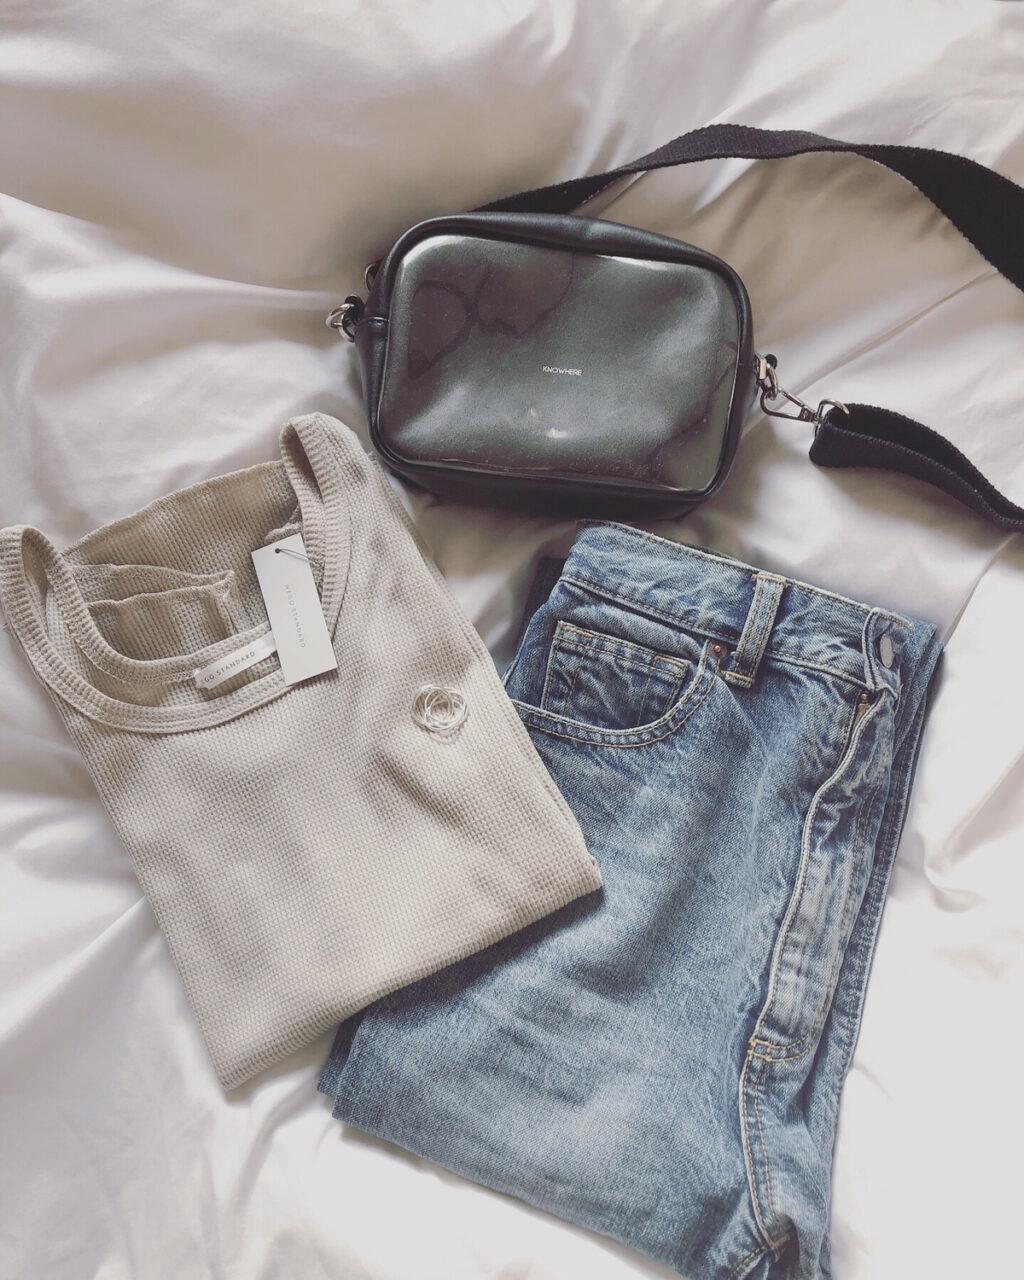 Tシャツ、バッグ、デニムがたたまれてベッドの上に置かれている